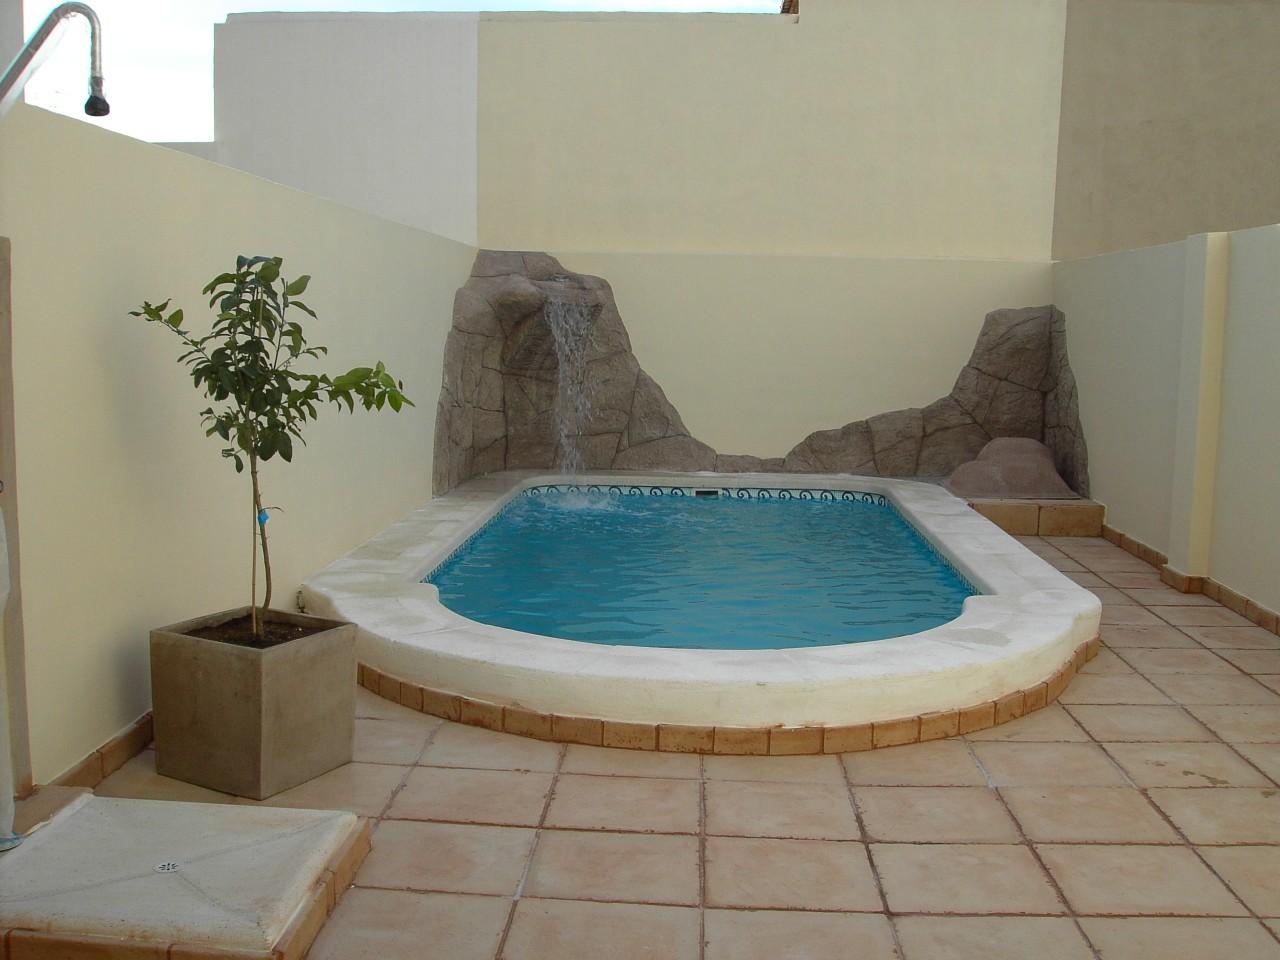 Piscina modelo c 61 codetrac s l expertos en piscinas for Cuanto sale hacer una pileta de material